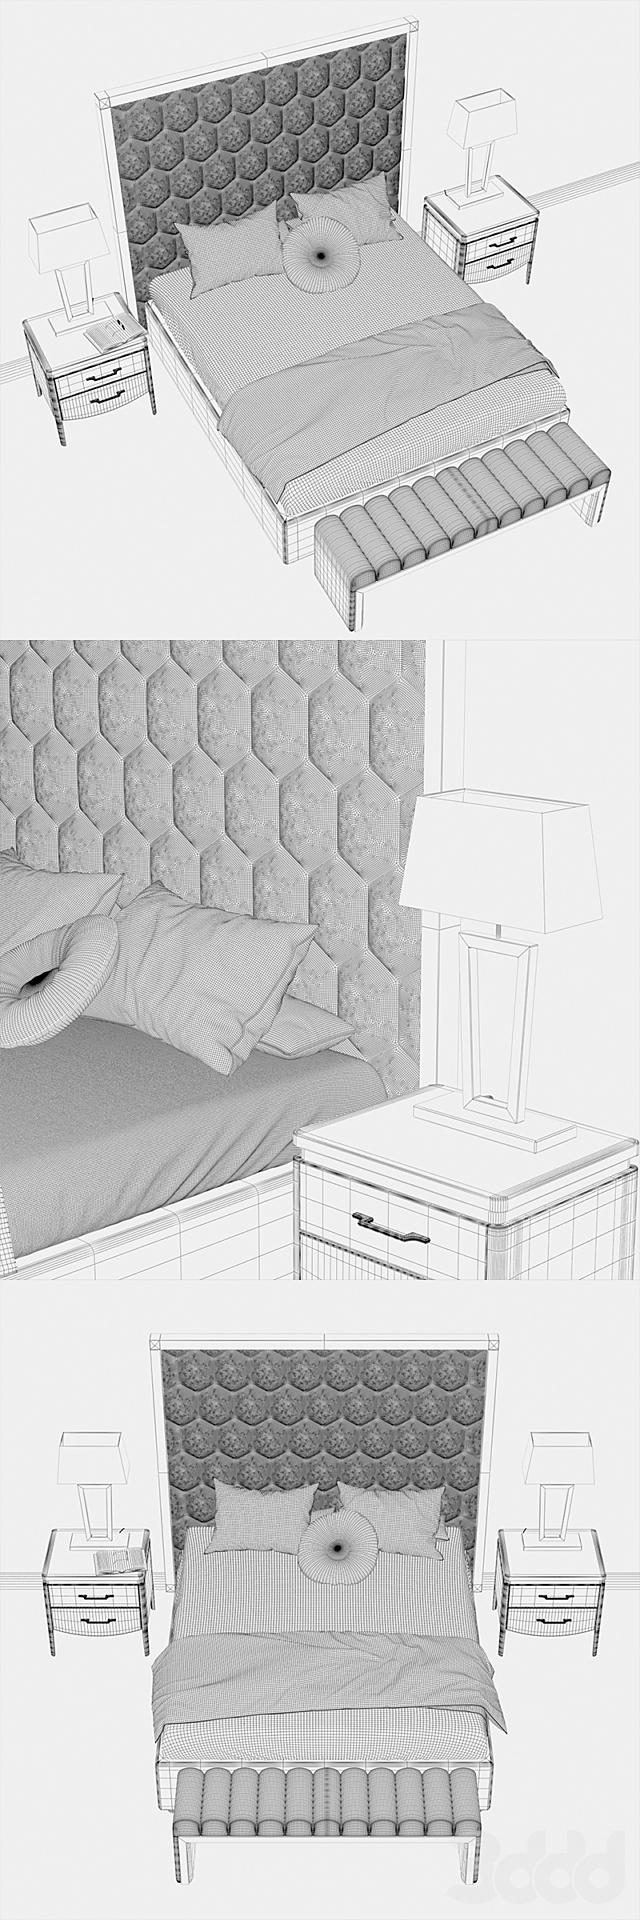 Итальянская спальня NIGHT 7 DV HOME COLLECTION